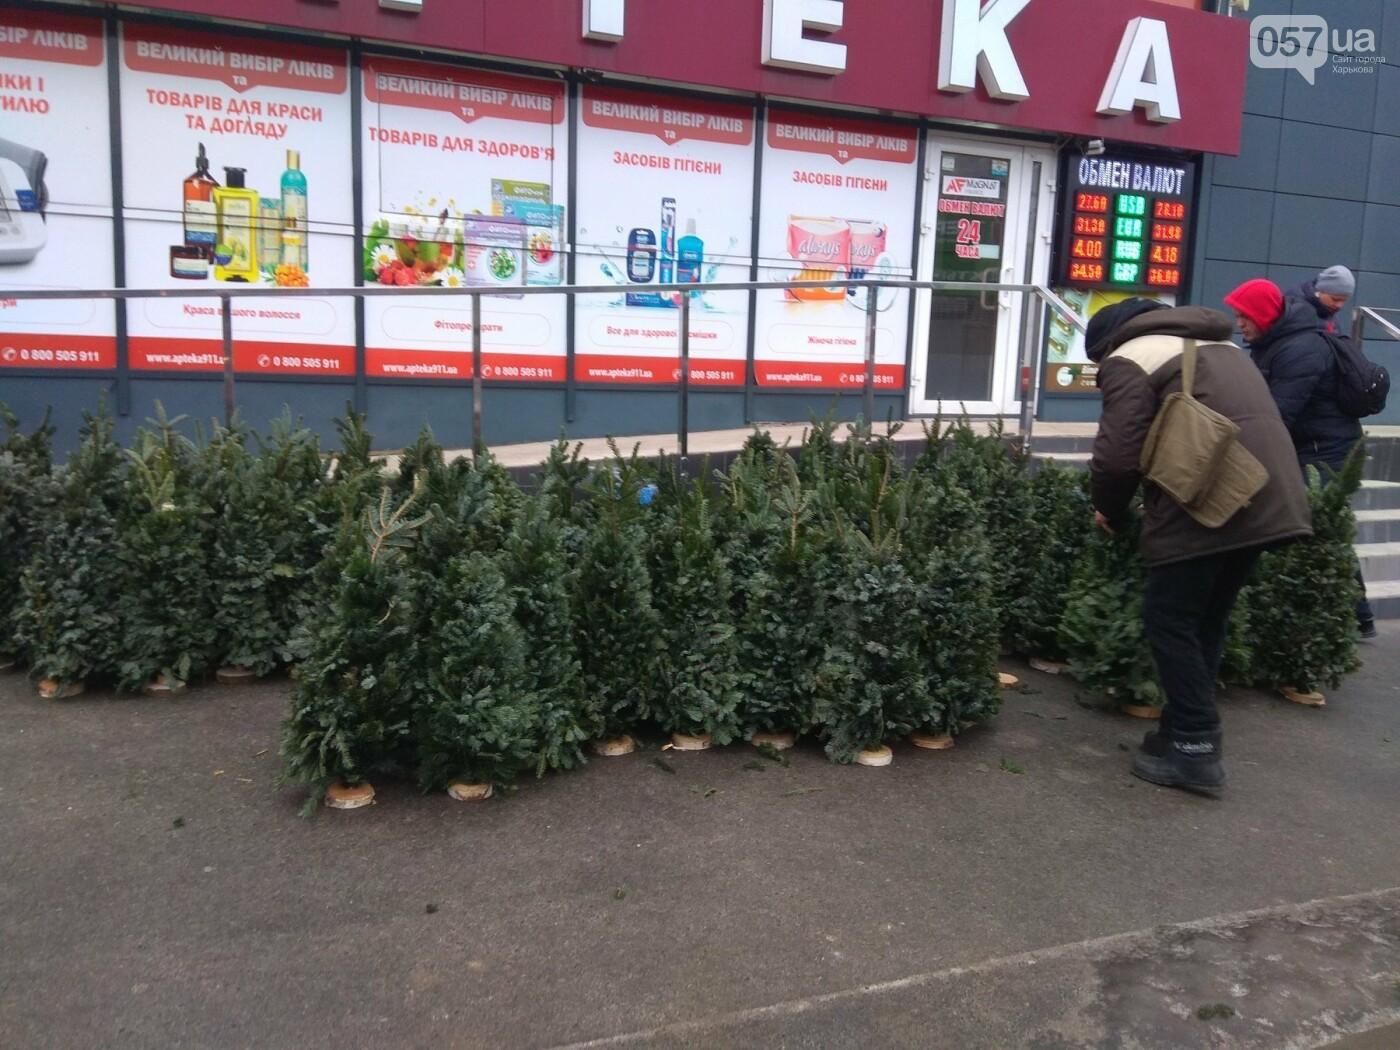 Новогодние елки в Харькове. Где и за сколько можно купить, - ФОТО, фото-5